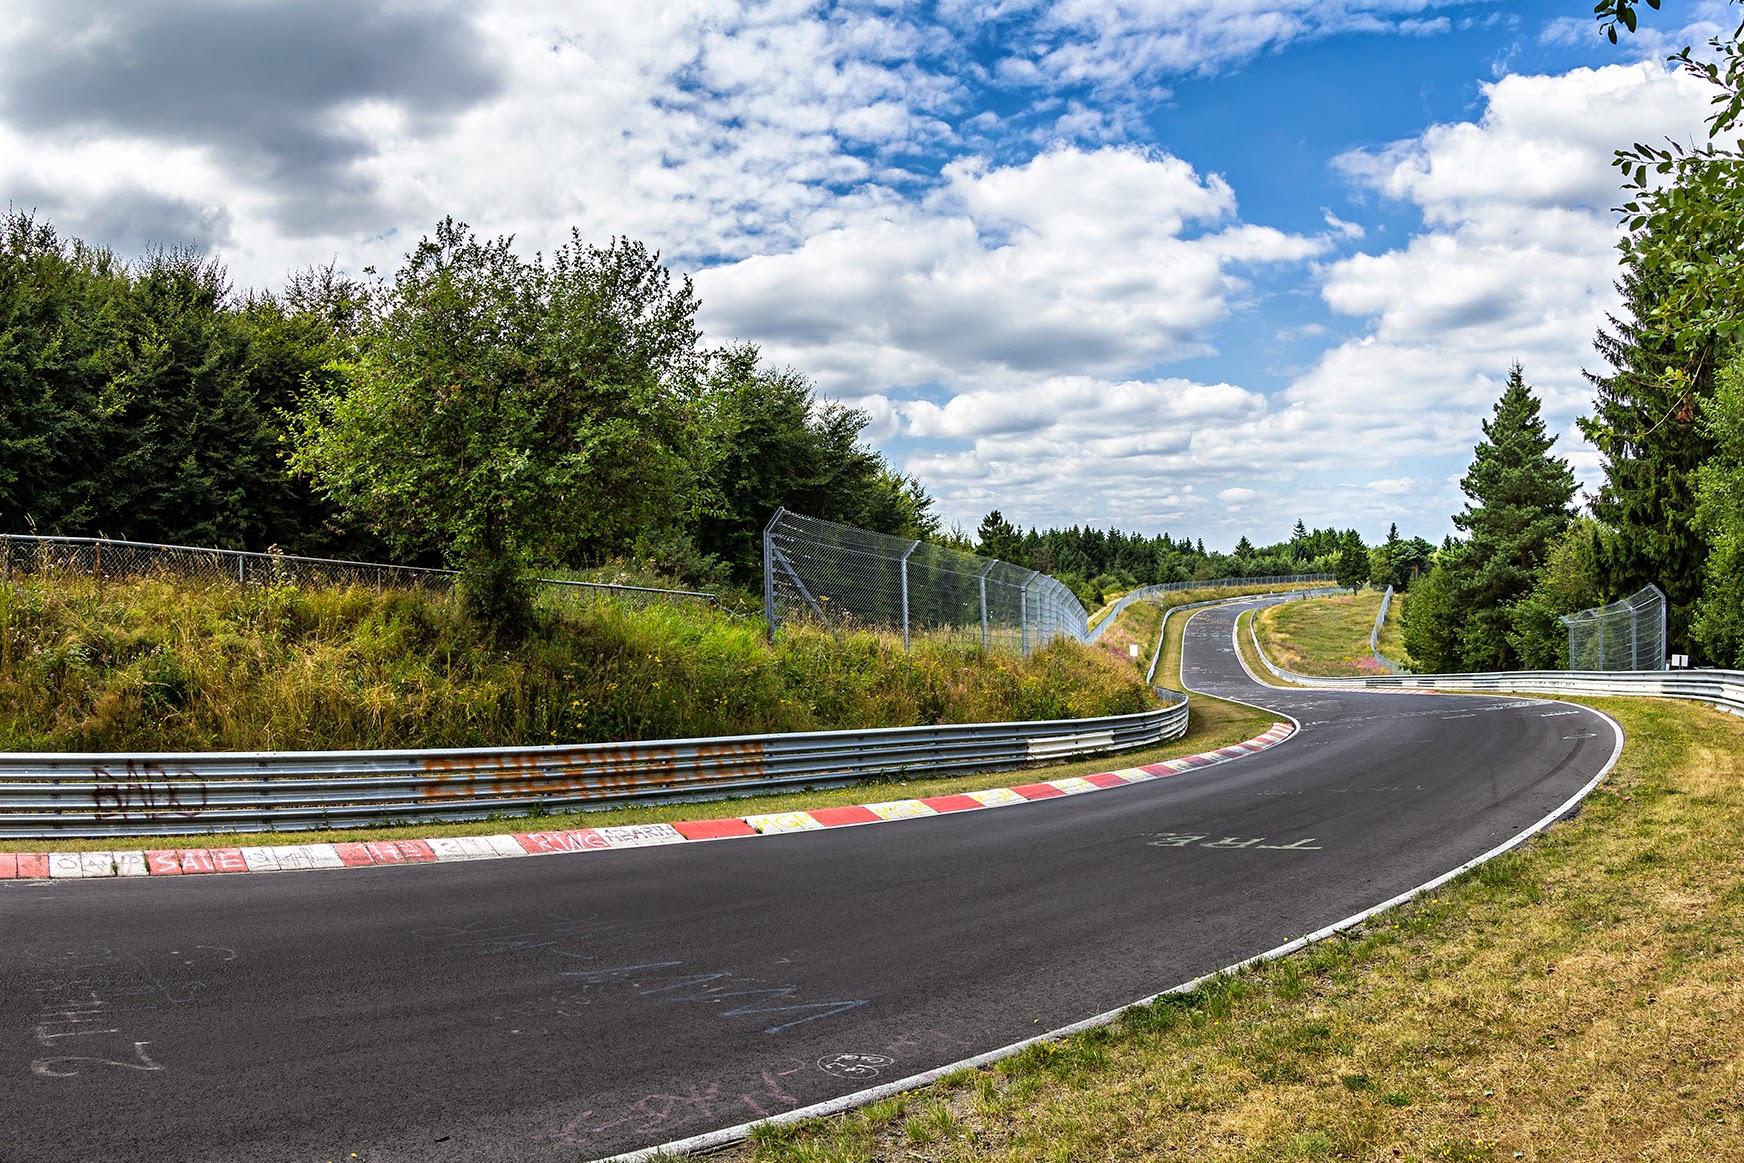 Driving Rental Car Nurburgring